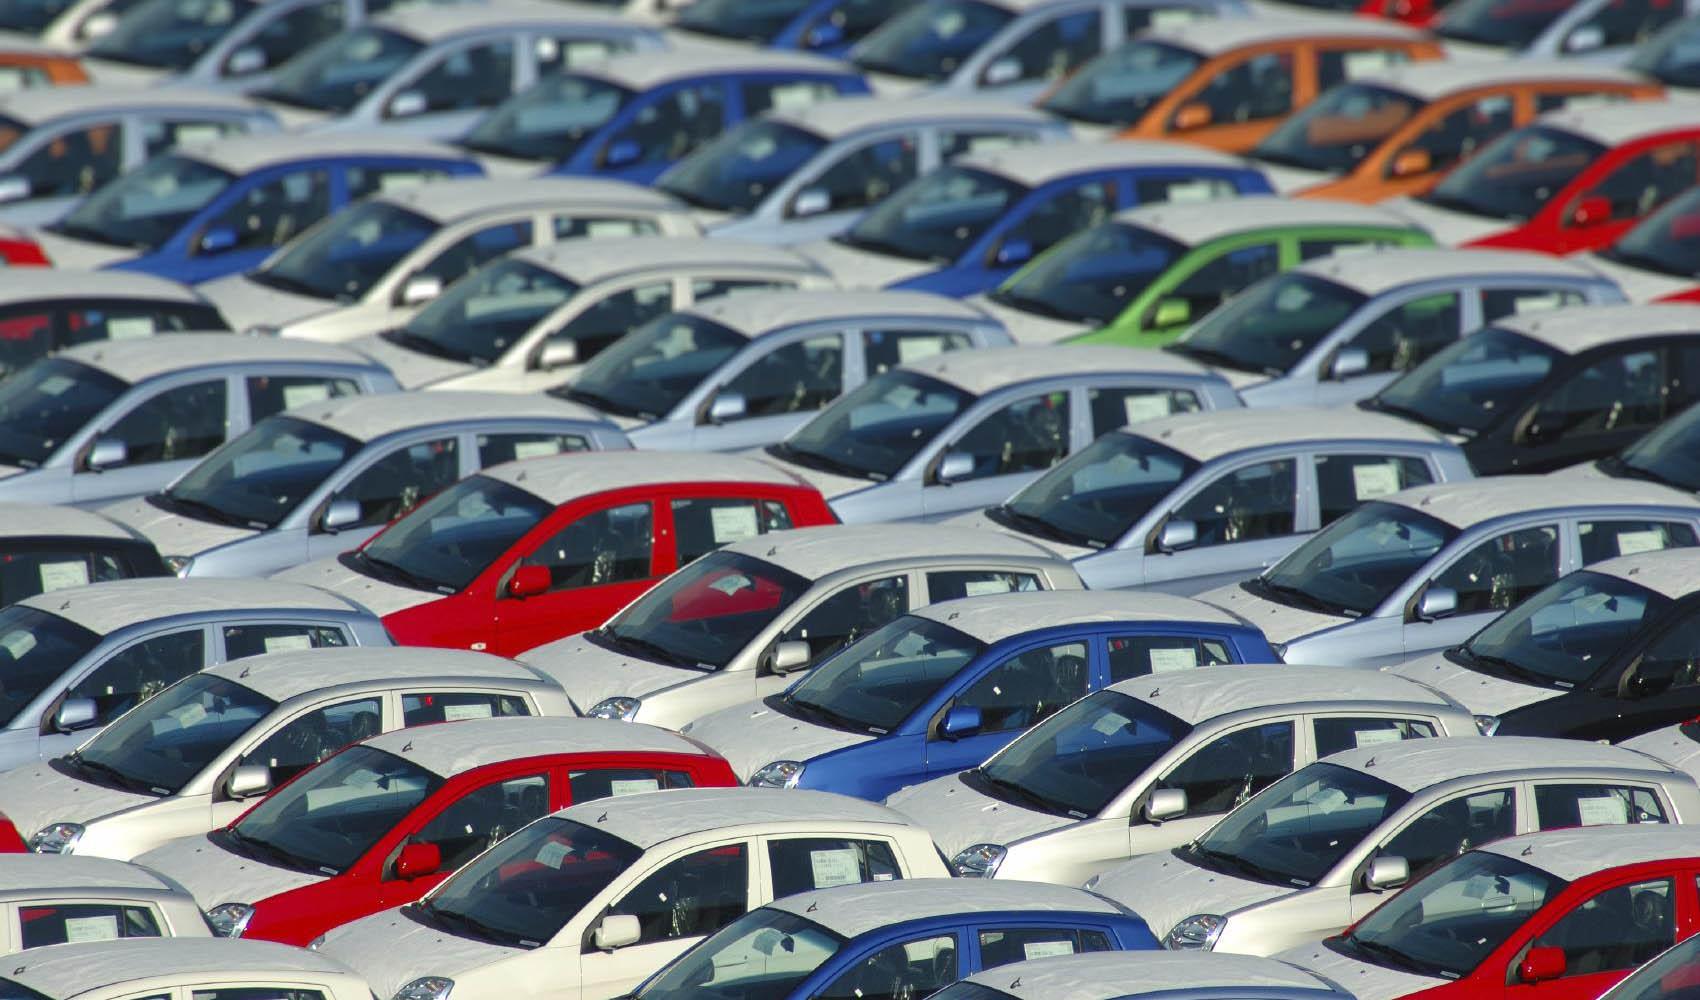 خودروهای پیشفروش شده به زودی تحویل میشود